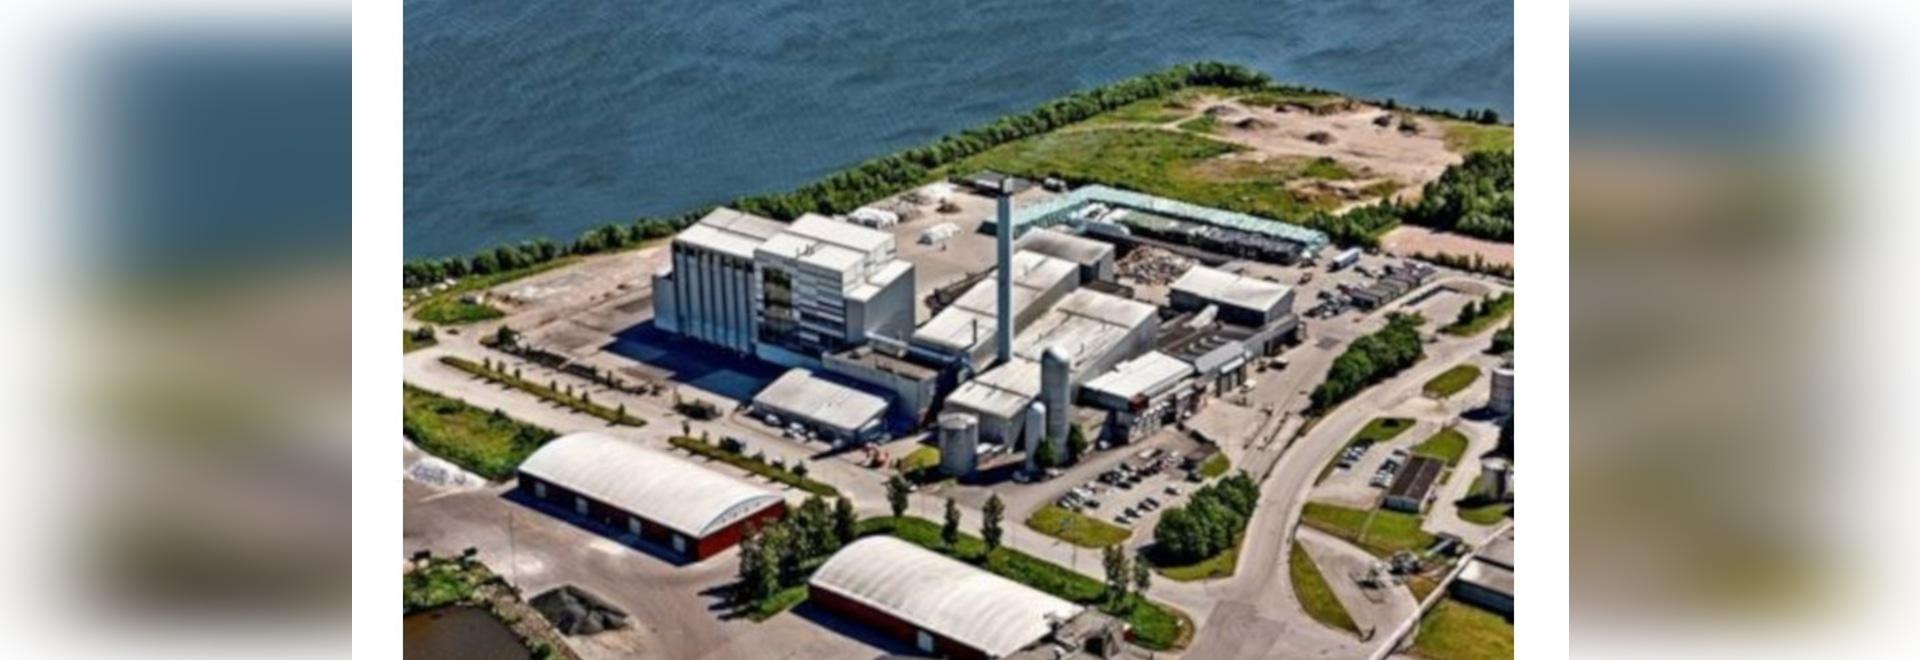 La caldera convierte los residuos en vapor industrial, electricidad